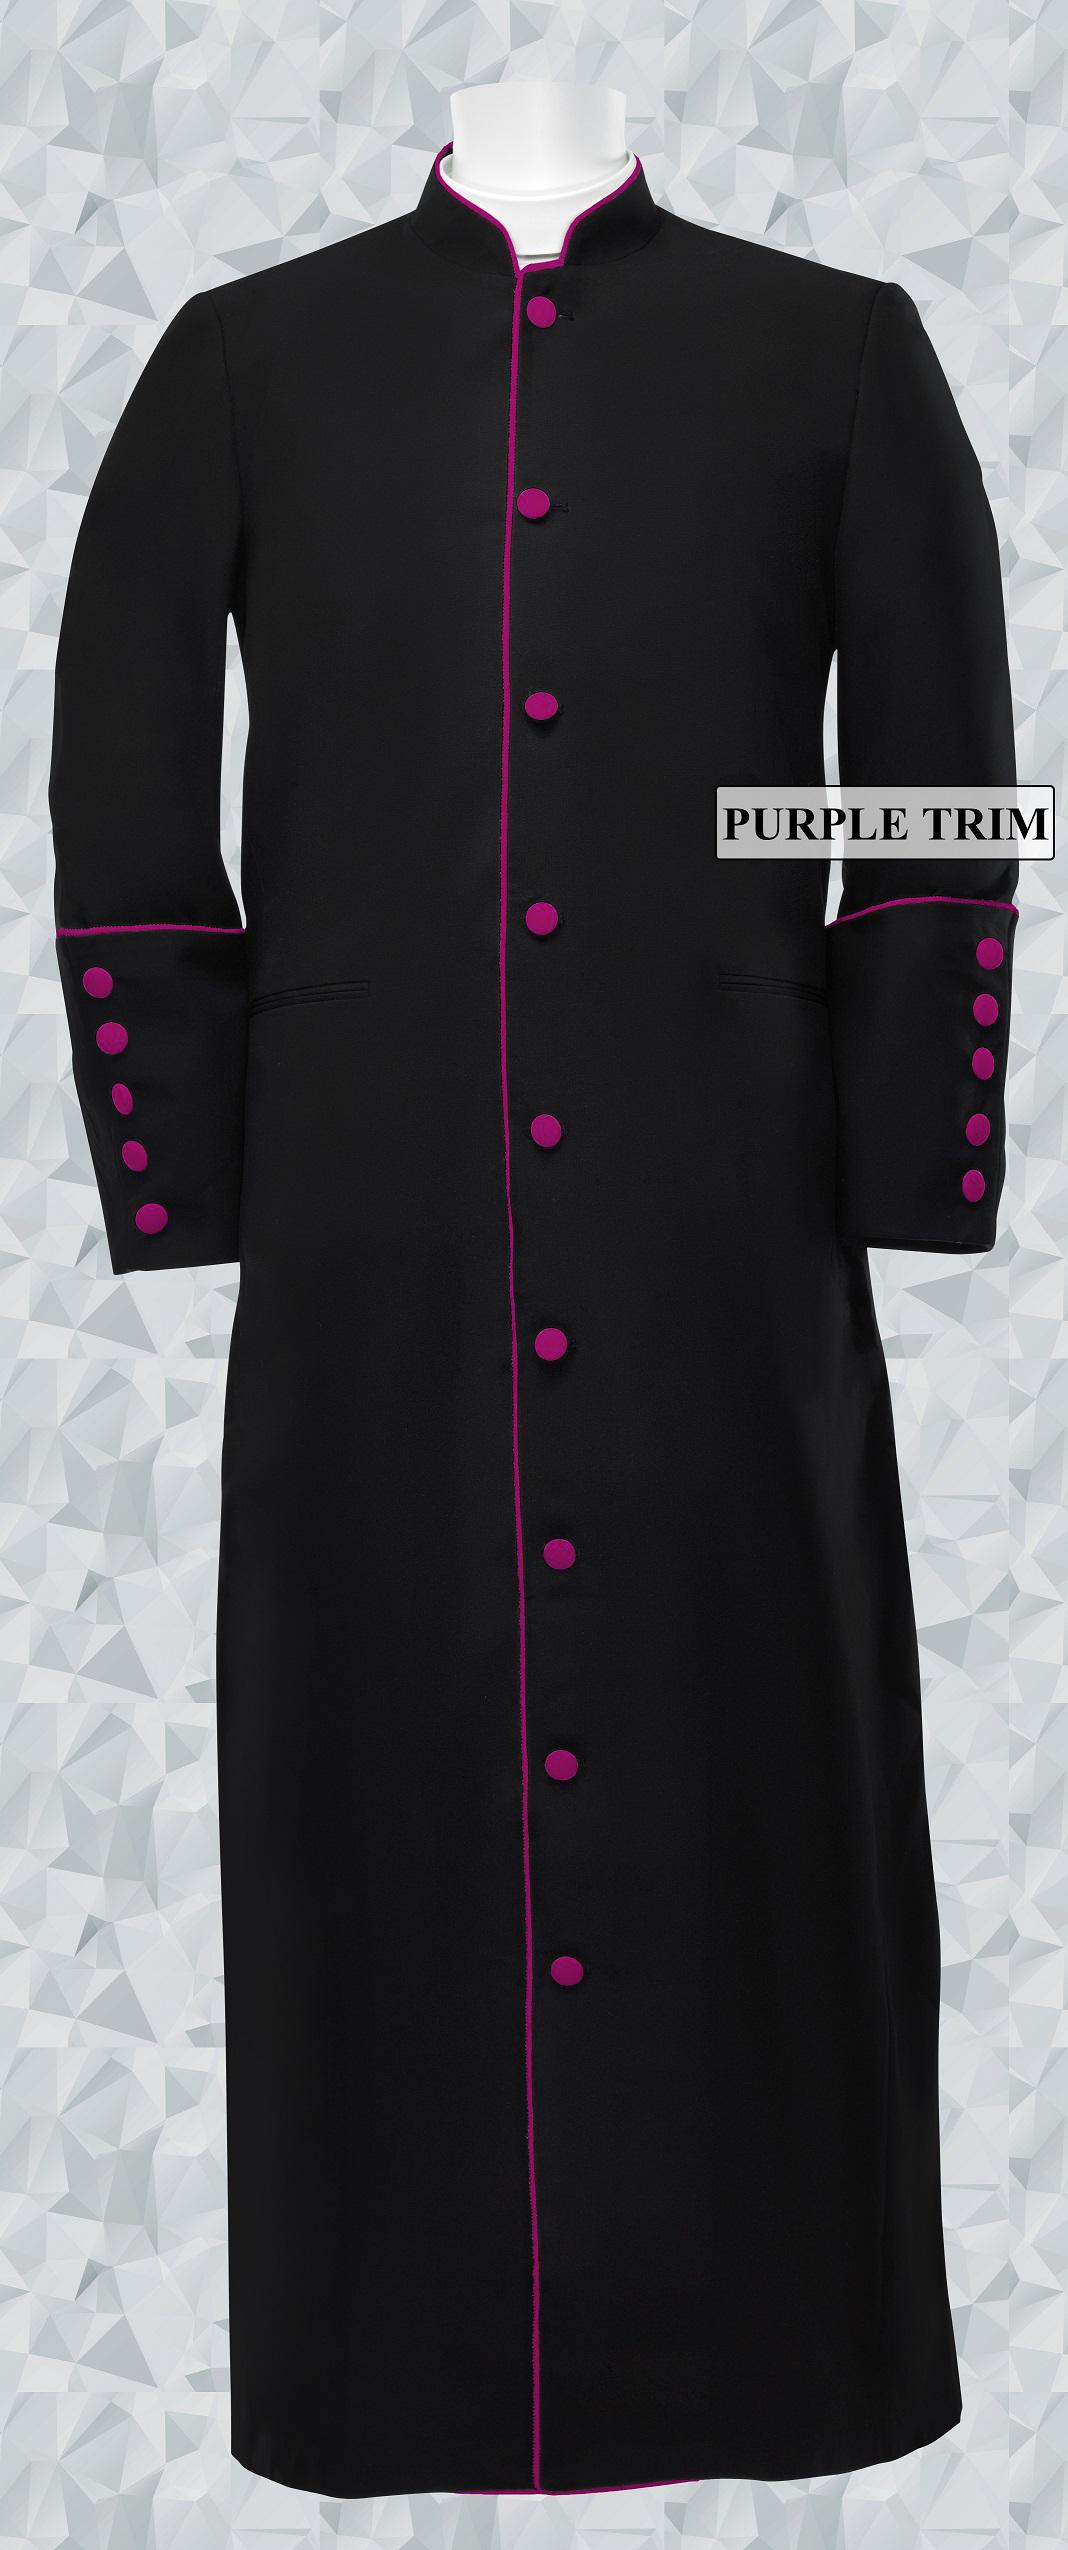 166 M. Men's Clergy/Pastor Robe Black/Medium Purple Trim